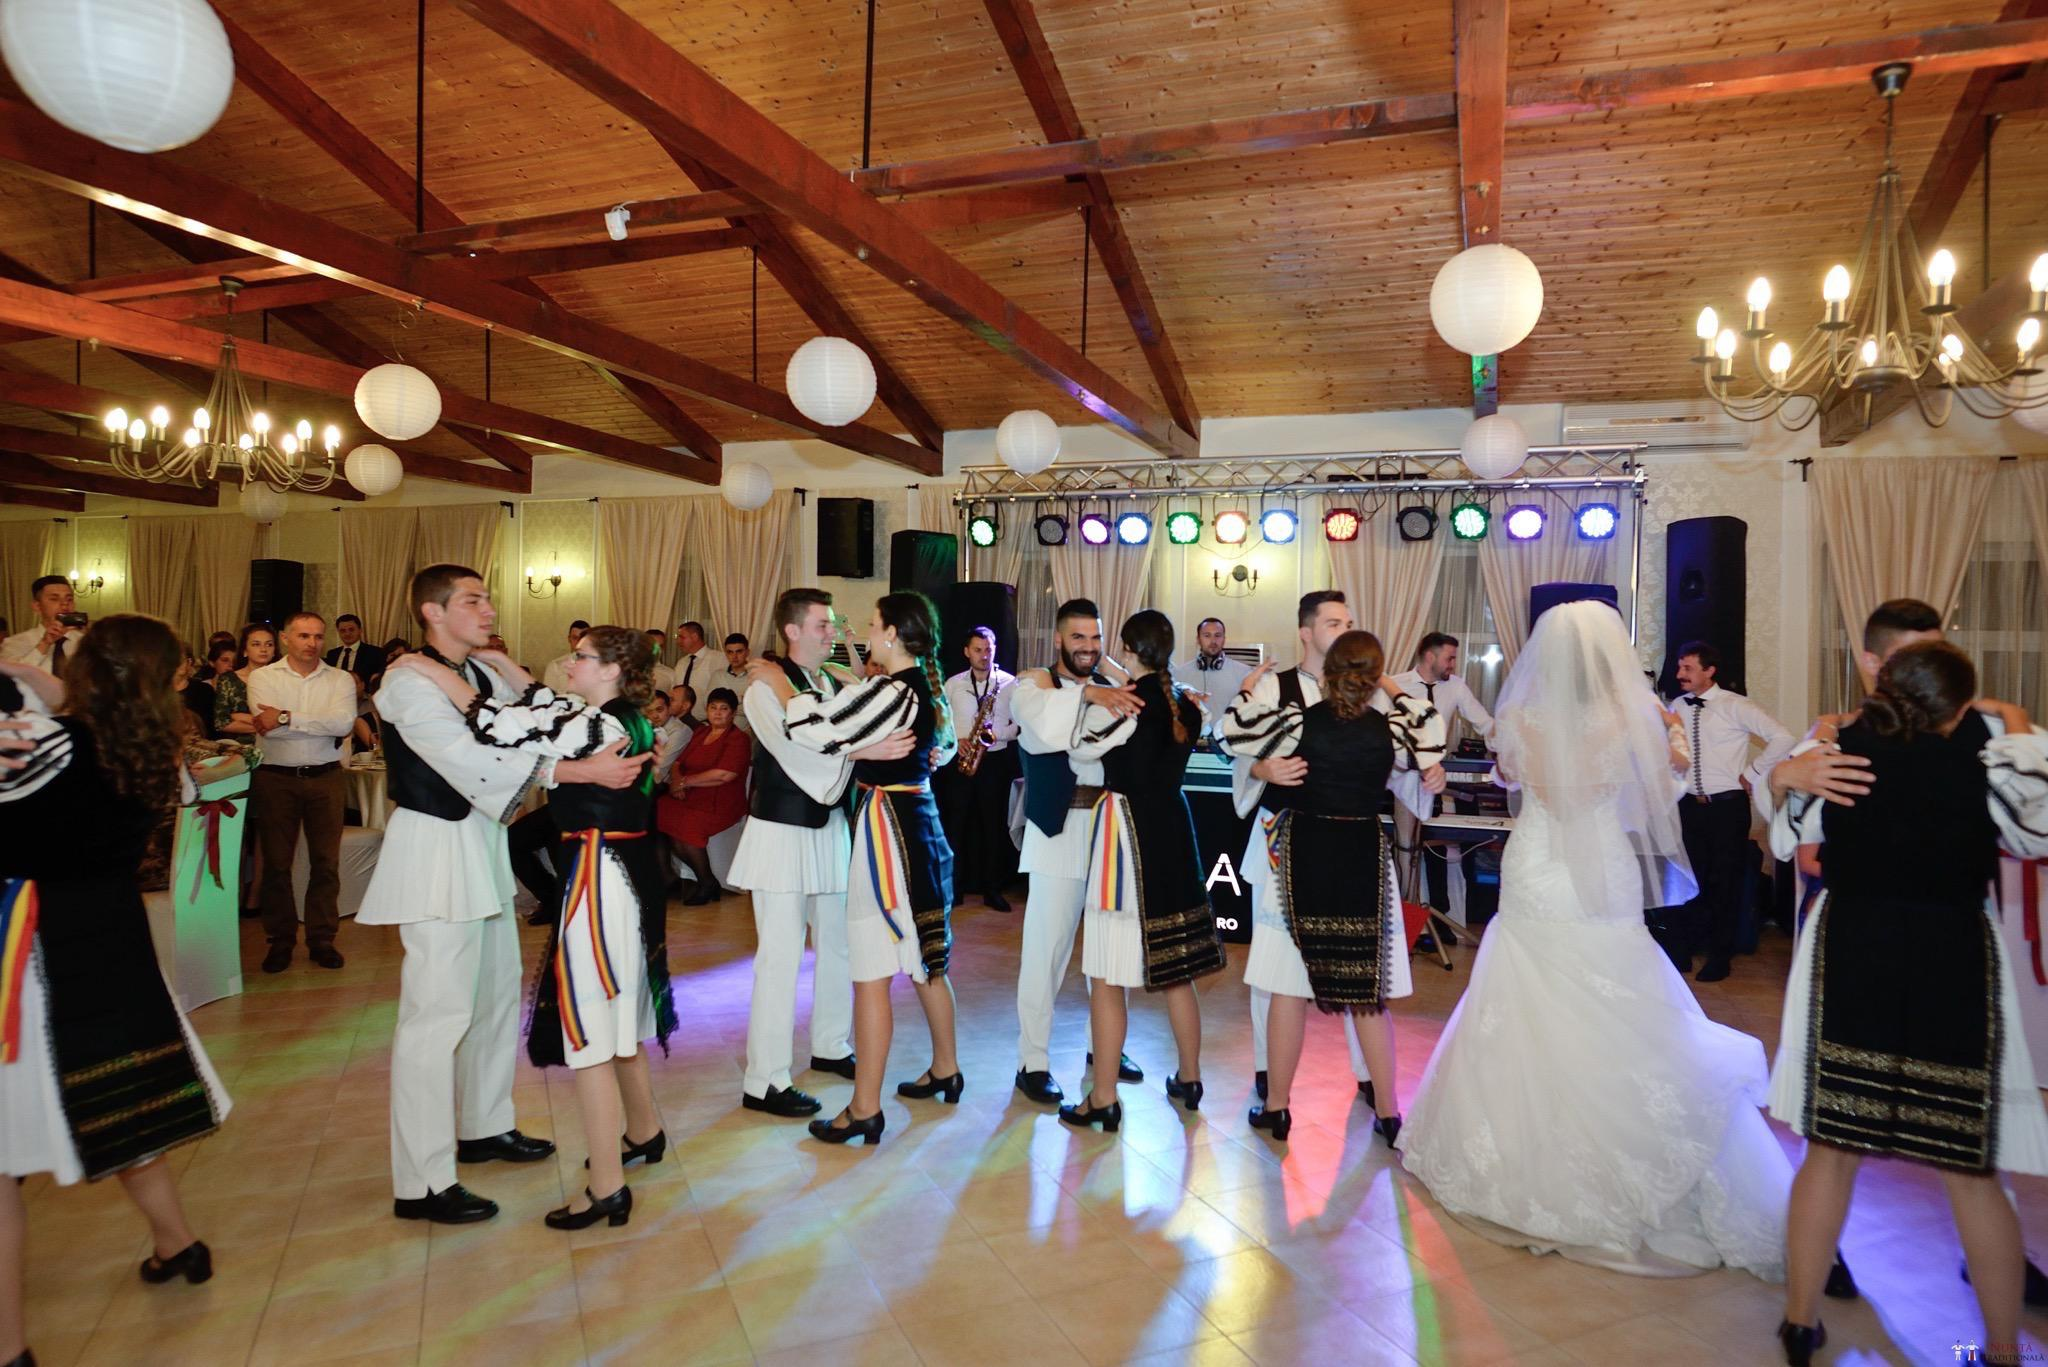 Povești Nunți Tradiționale - Constantin și Simona-Marilena. Nuntă tradițională în Căpâlna, Alba 57